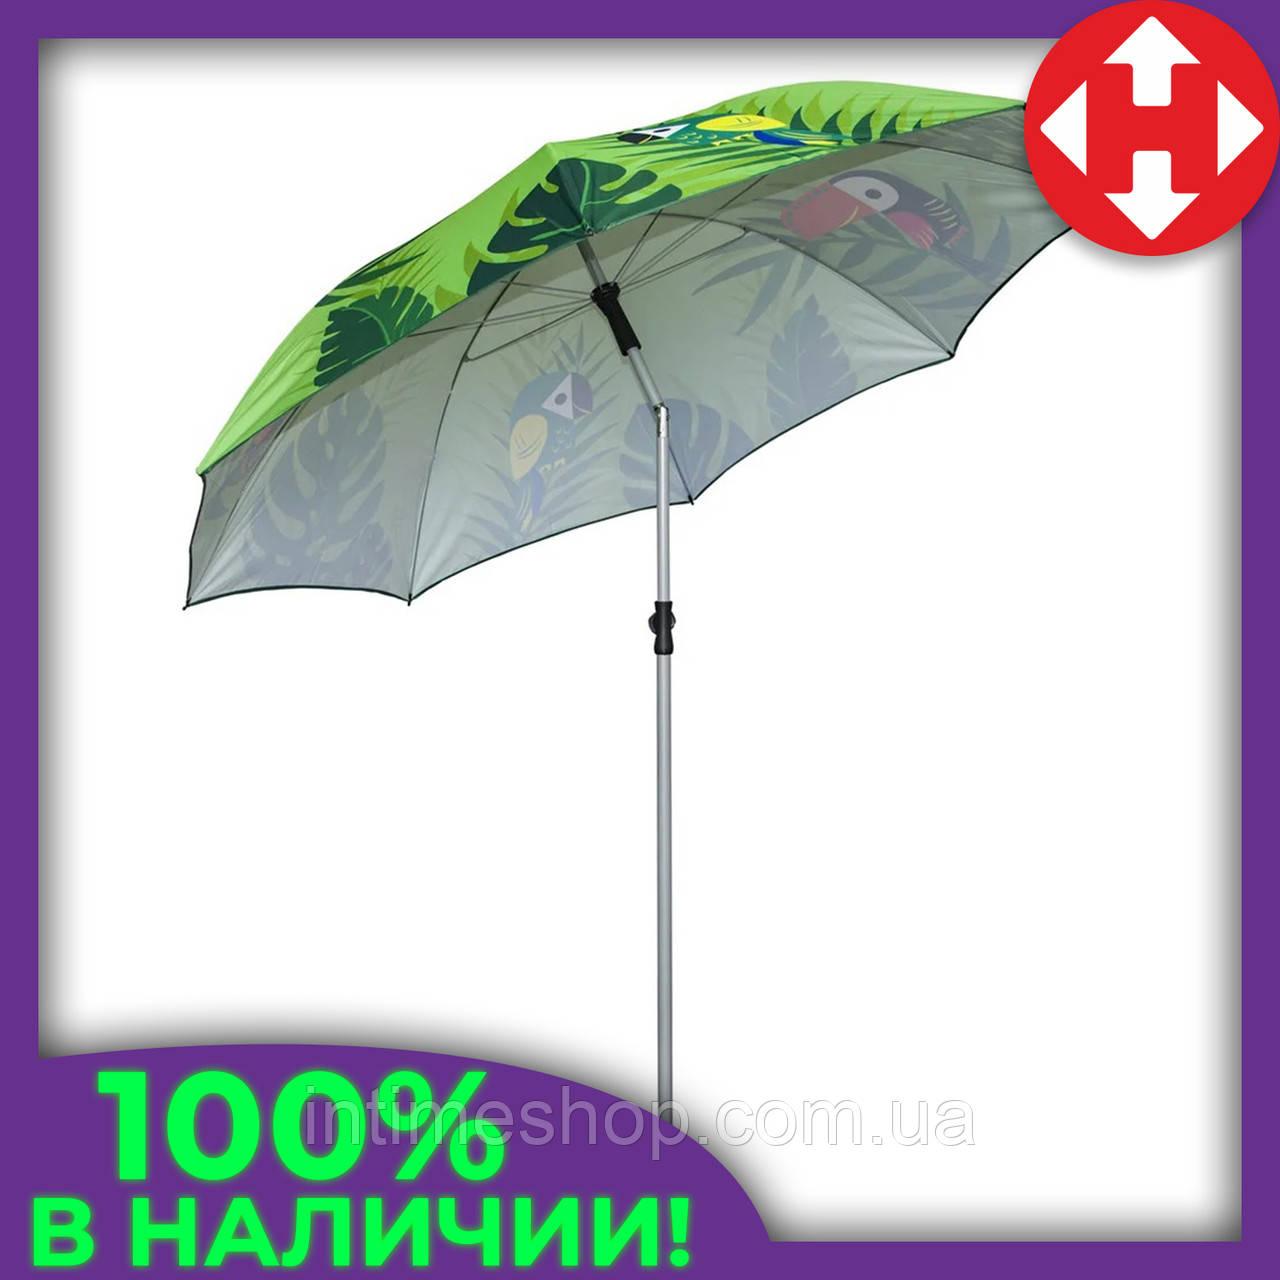 Огромный зонт пляжный от солнца - 2 м. Зеленый, попугаи - усиленный складной для пляжа